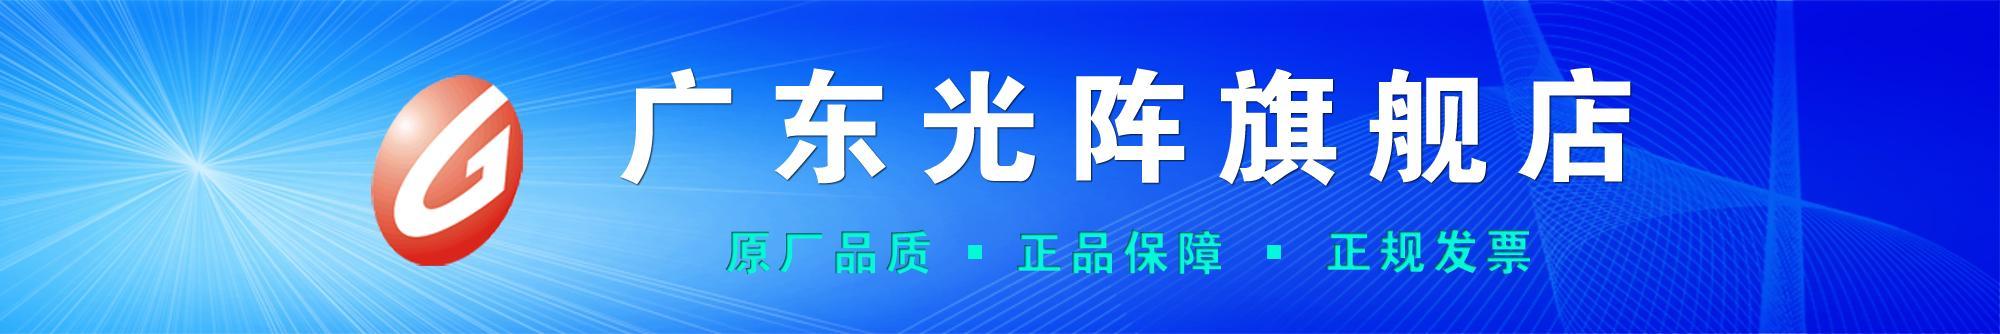 广东光阵光电科技有限公司